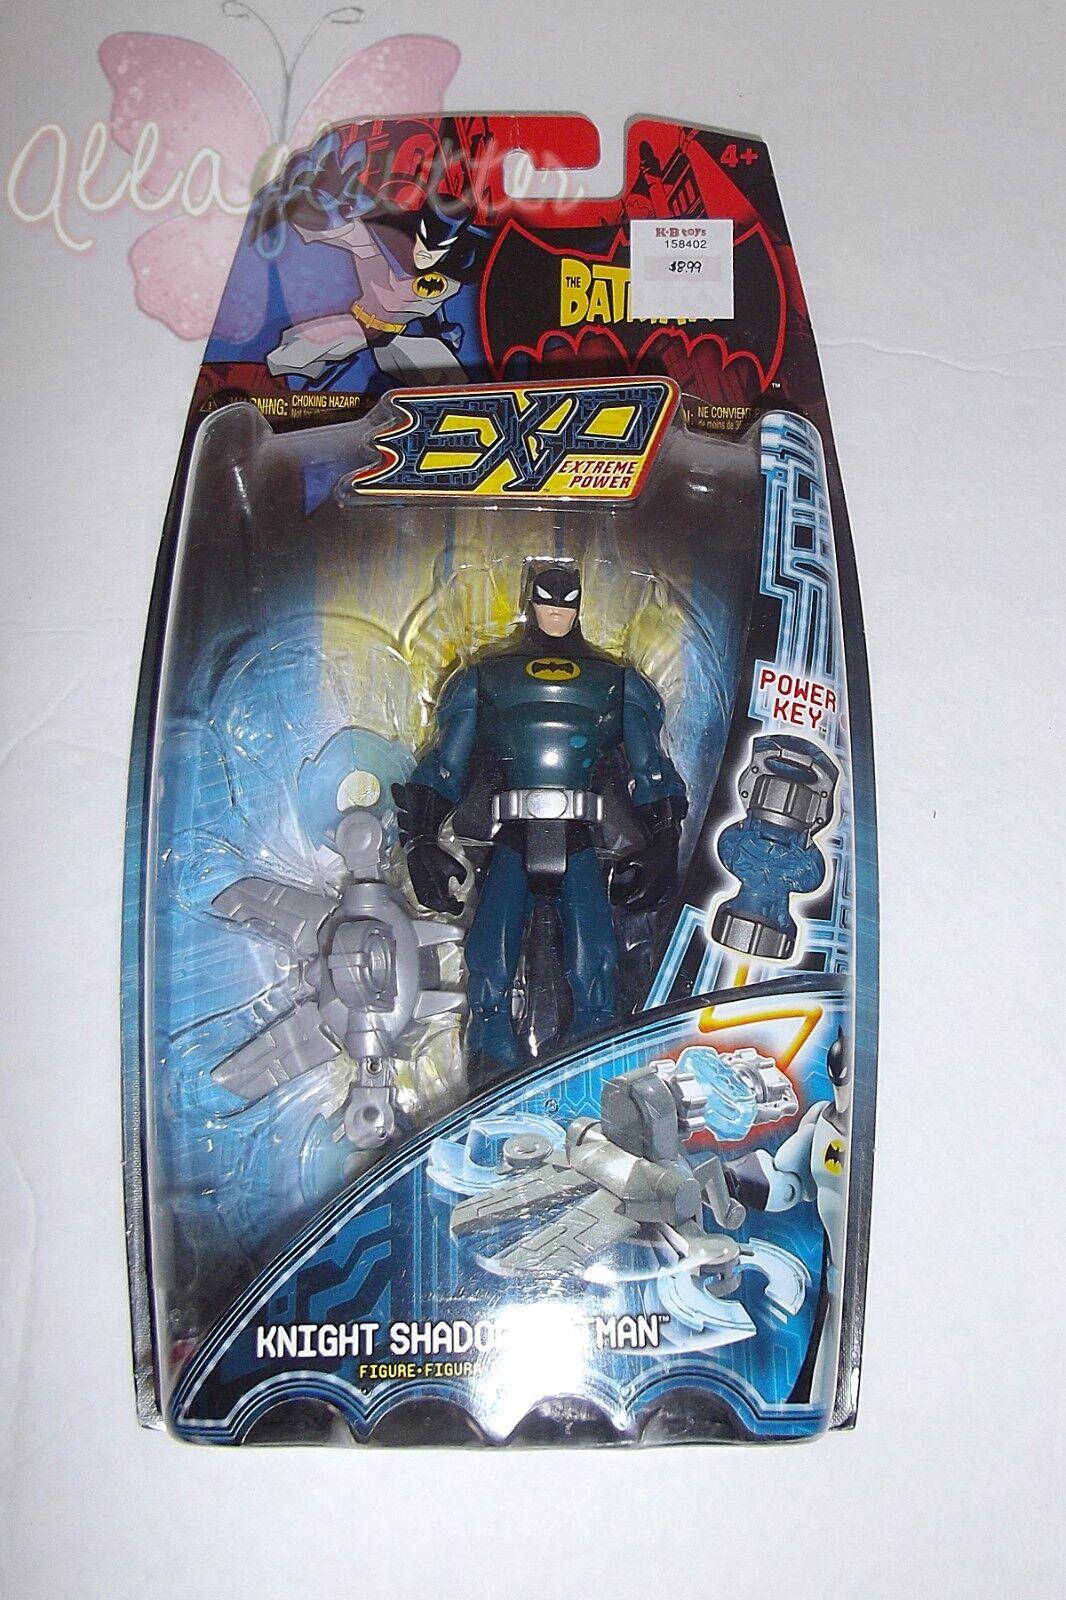 Batman exp extreme macht ritter batman - variante j1922 selten ein blauer schatten